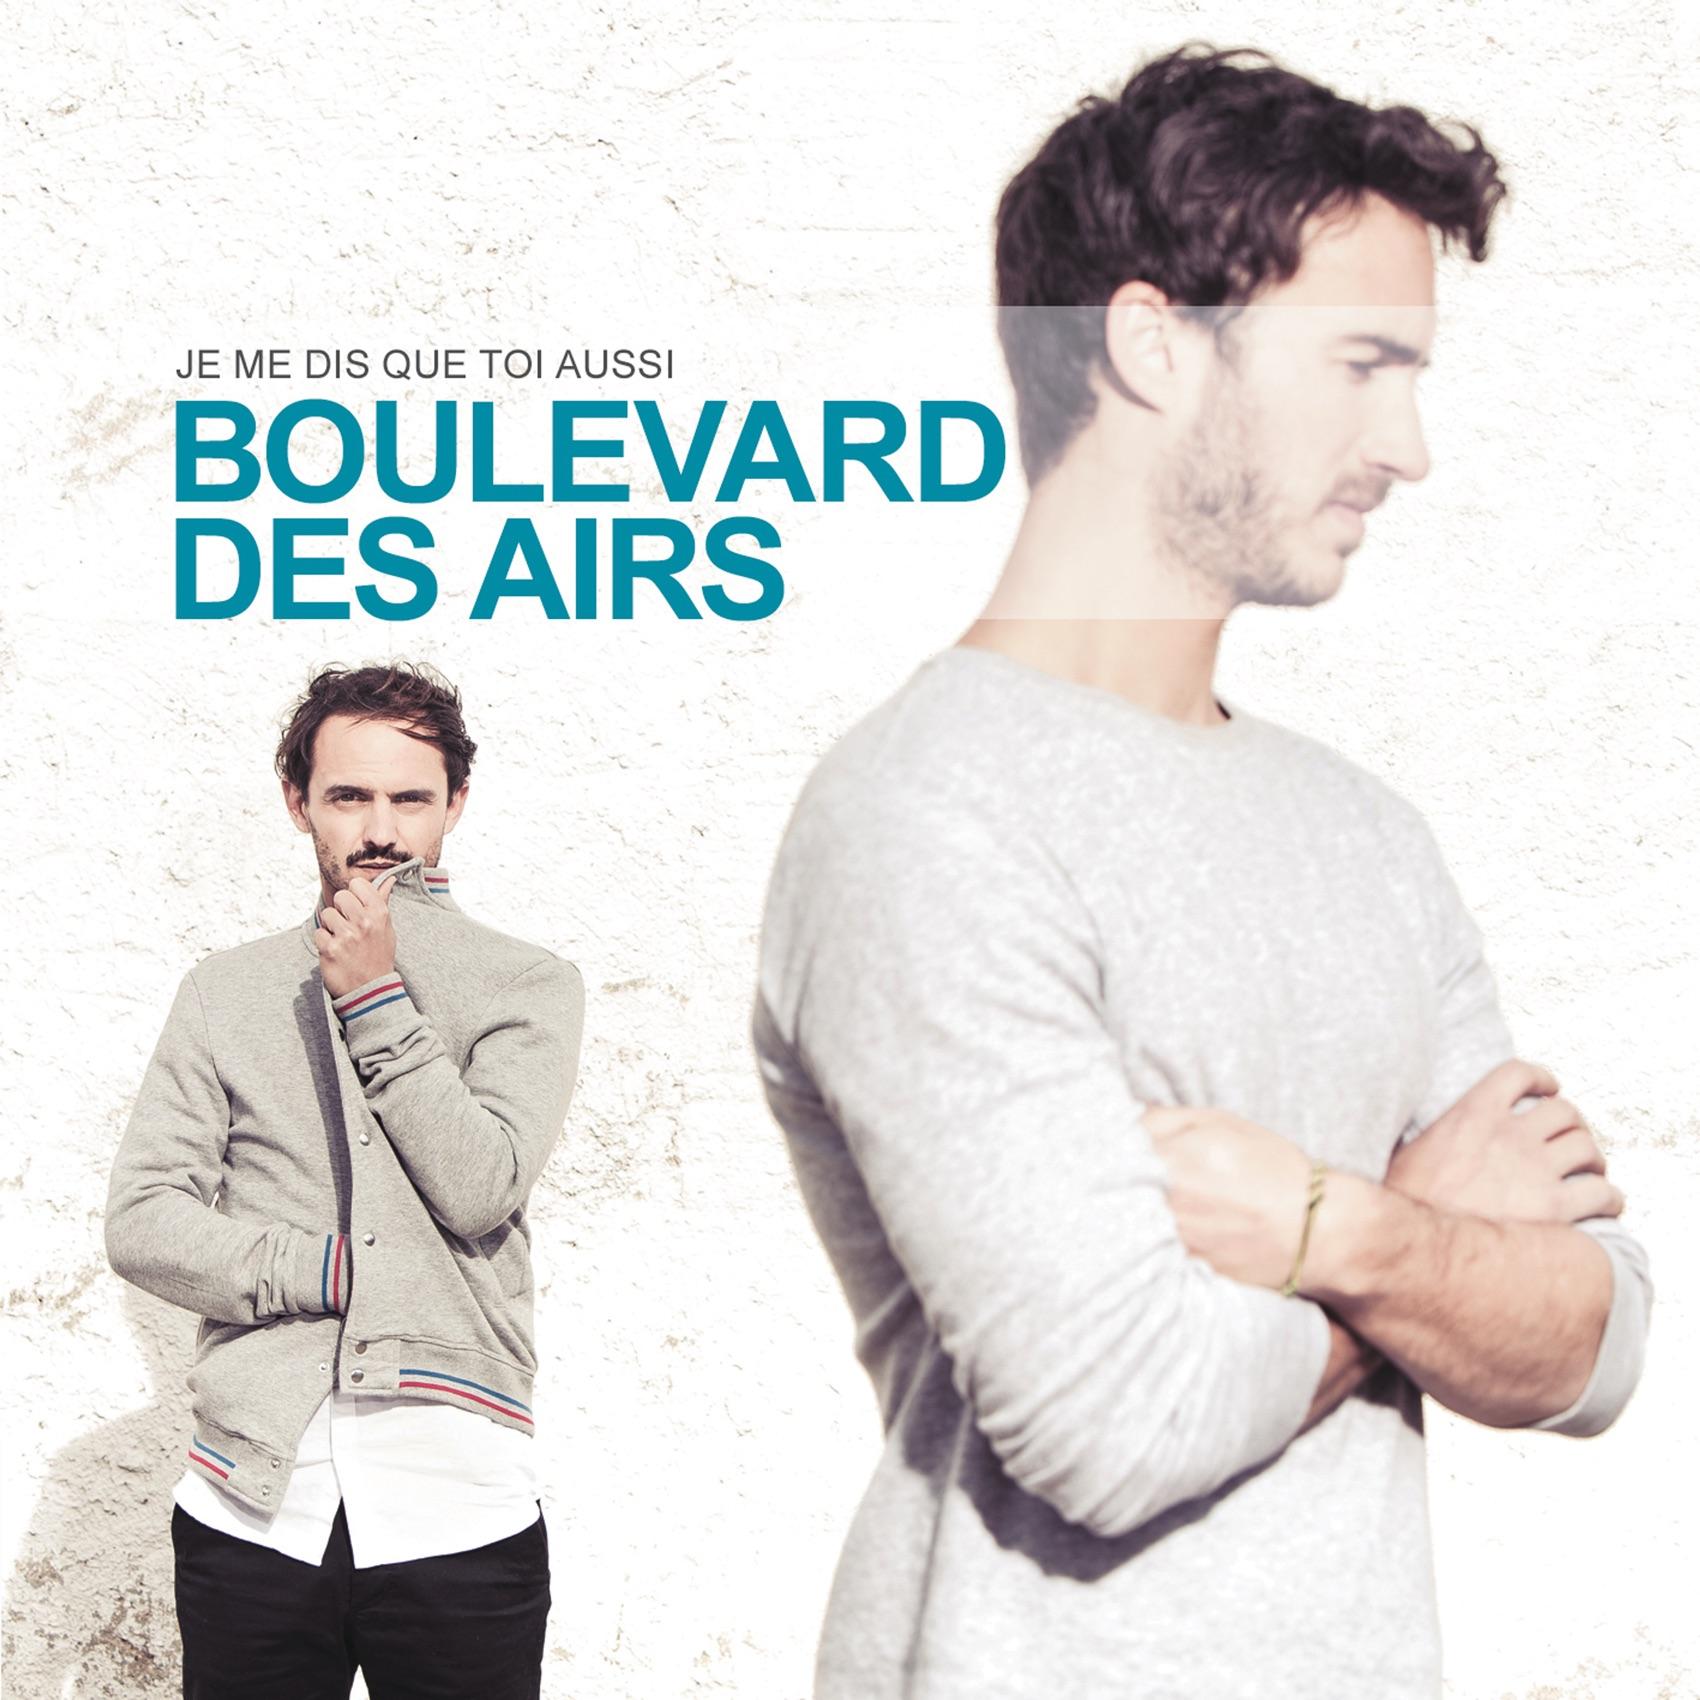 Boulevard des Airs - Je me dis que toi aussi